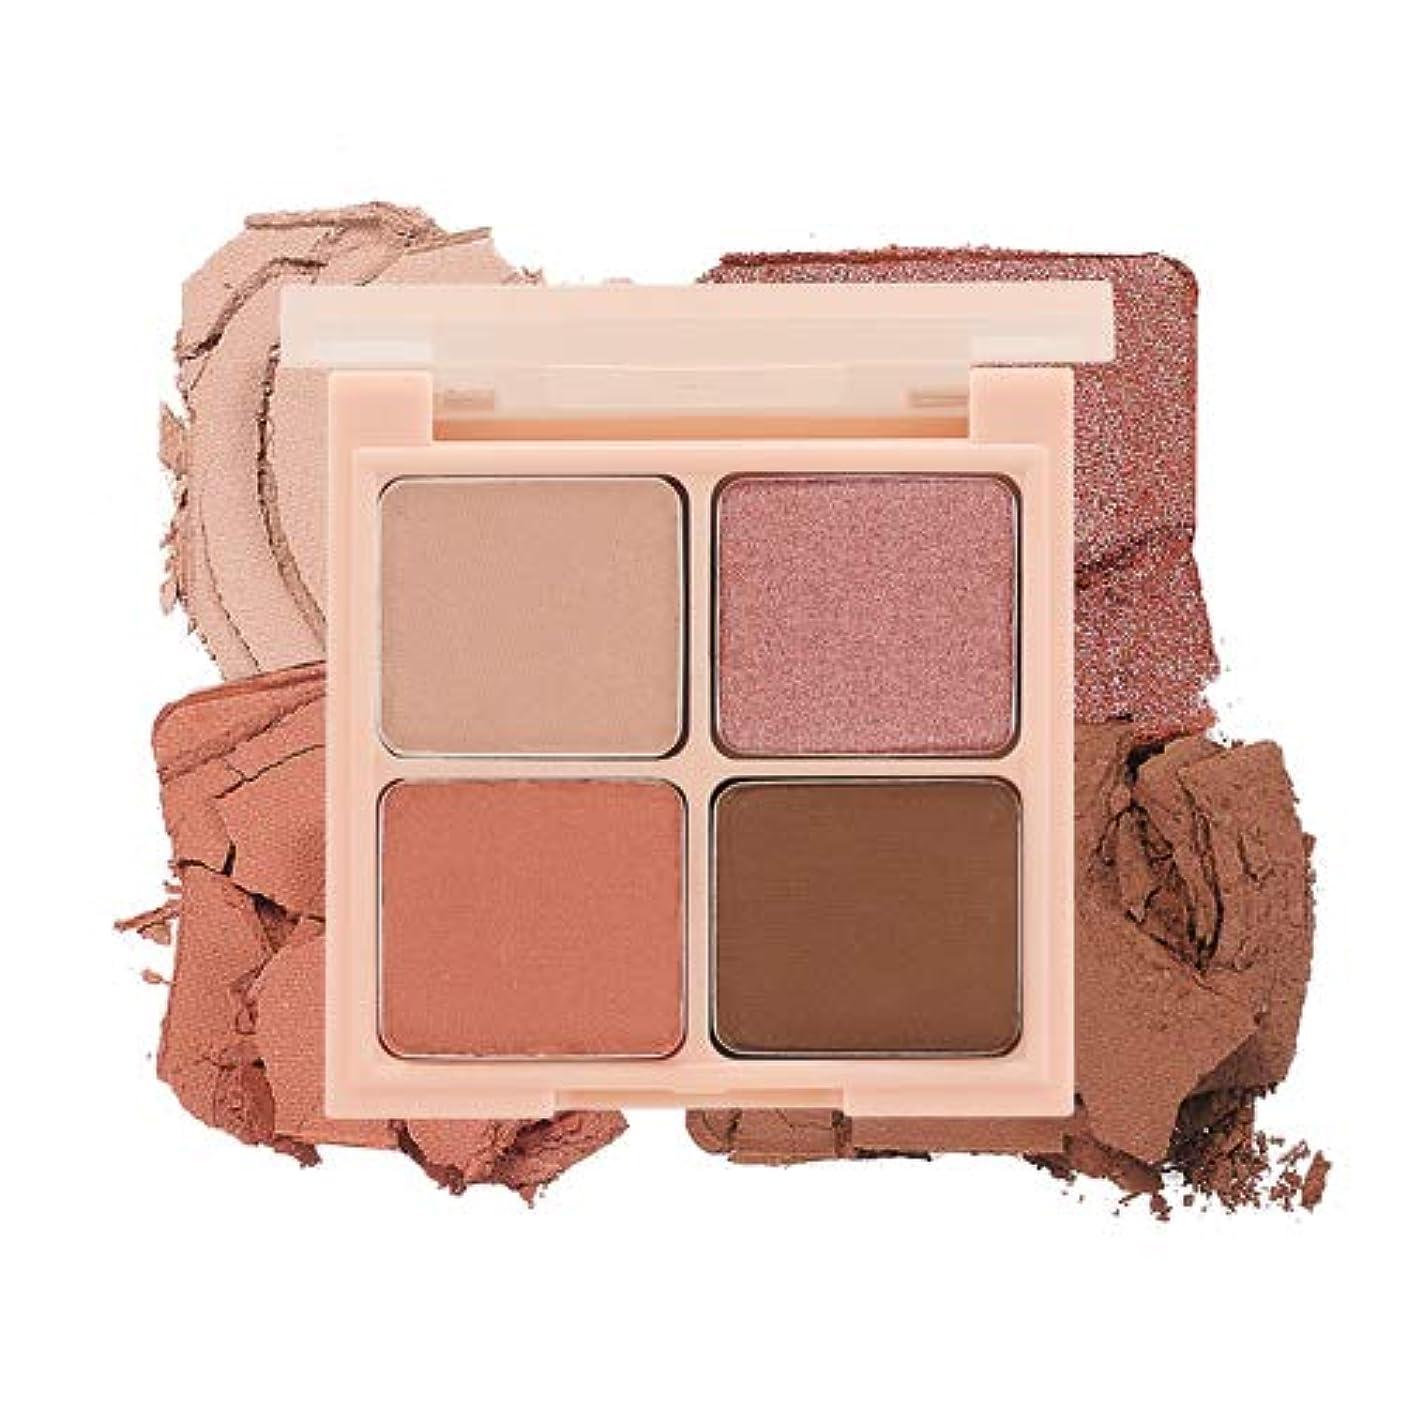 新2019 S/S ホリカホリカ 4色アイシャドウパレット (#06 ピーナッツコーラル) / HOLIKA Eyeshadow Palette (#06 Peanut Coral) 韓国コスメ [並行輸入品]